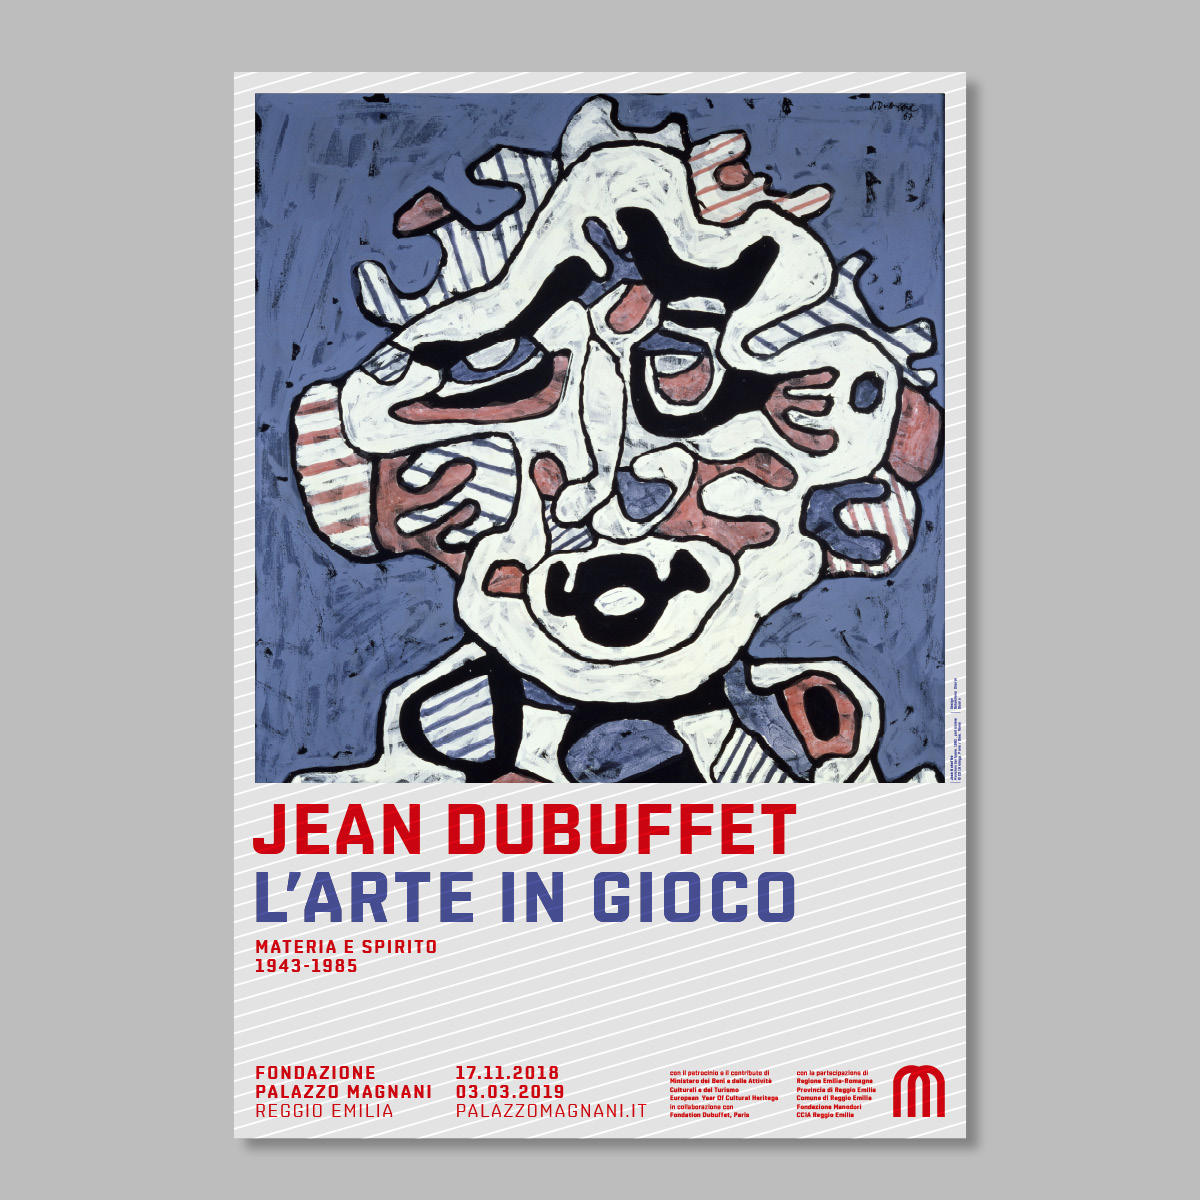 Jean-DubuffetLarte-in-gioco-002